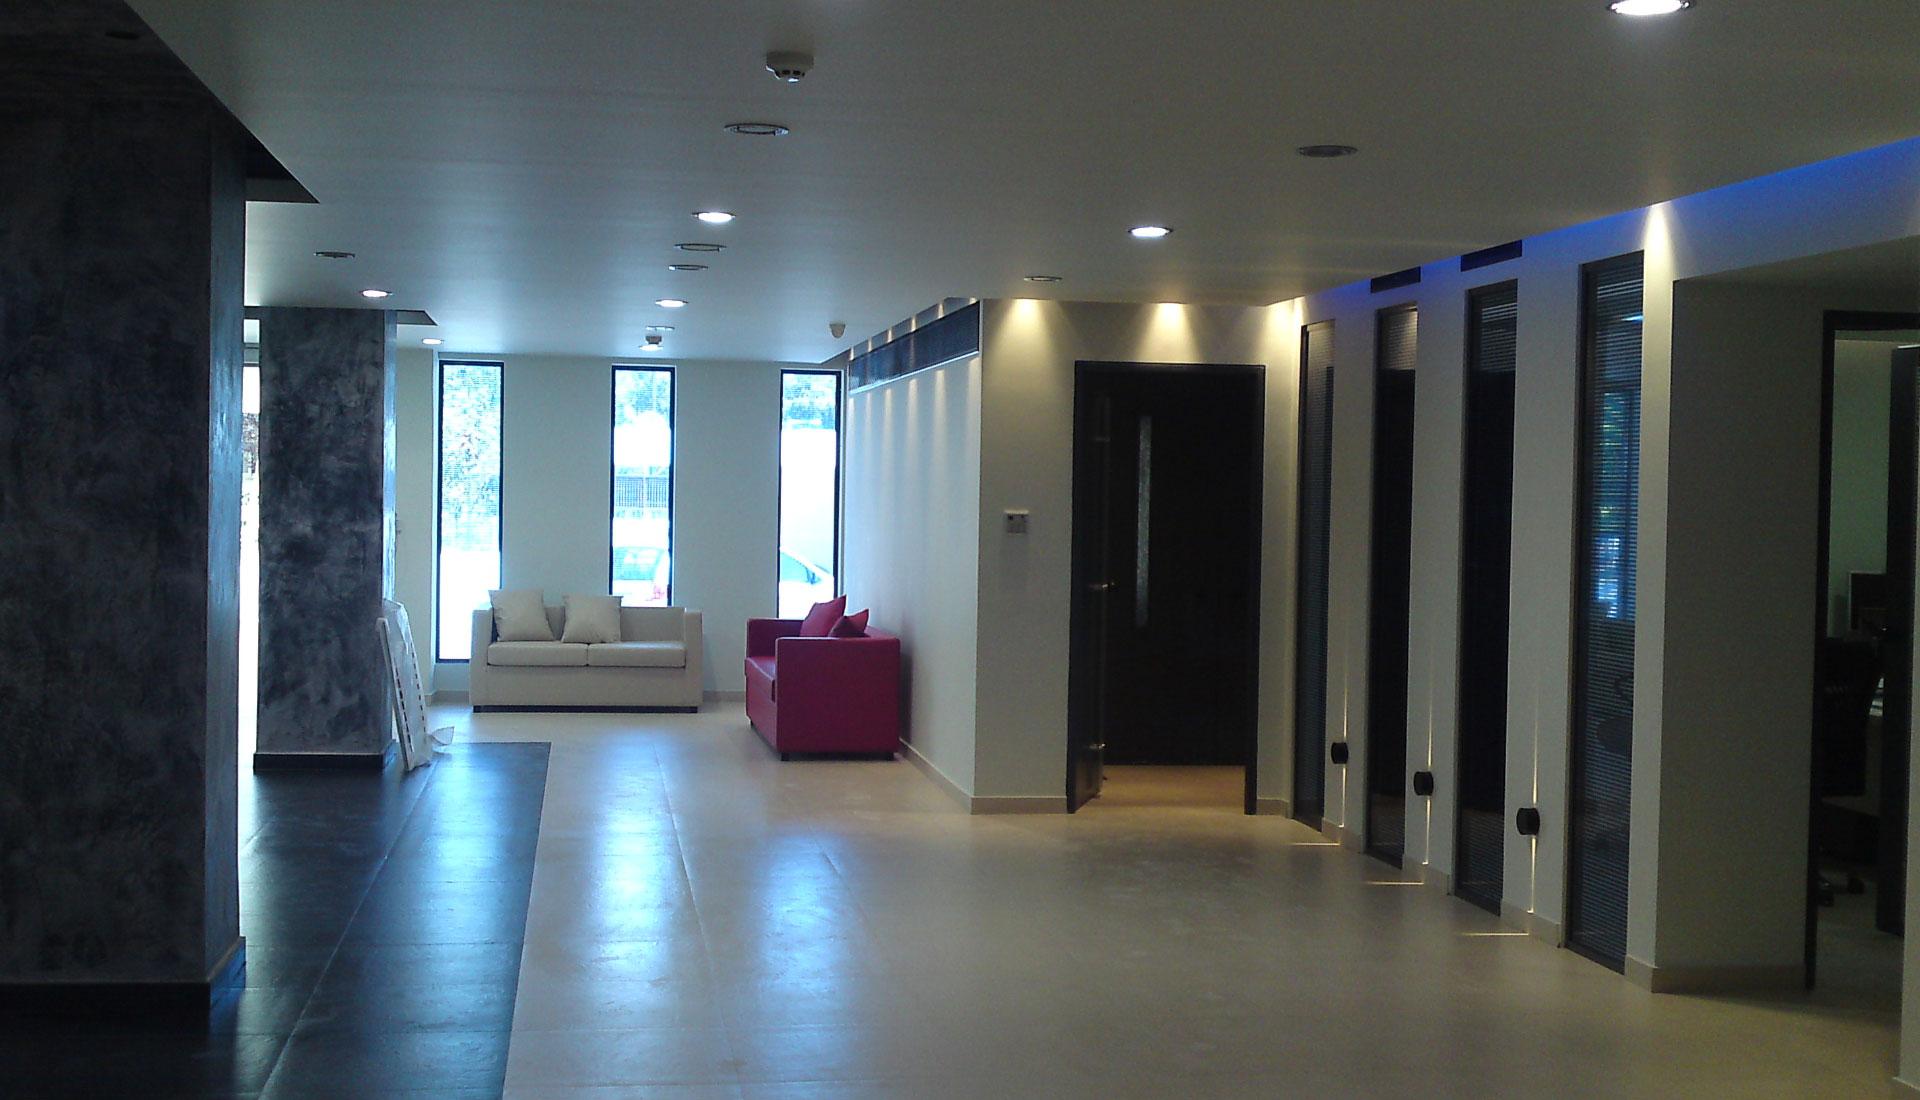 Νέα ηλεκτρική εγκατάσταση σε κτήριο 2.000 τ.μ.